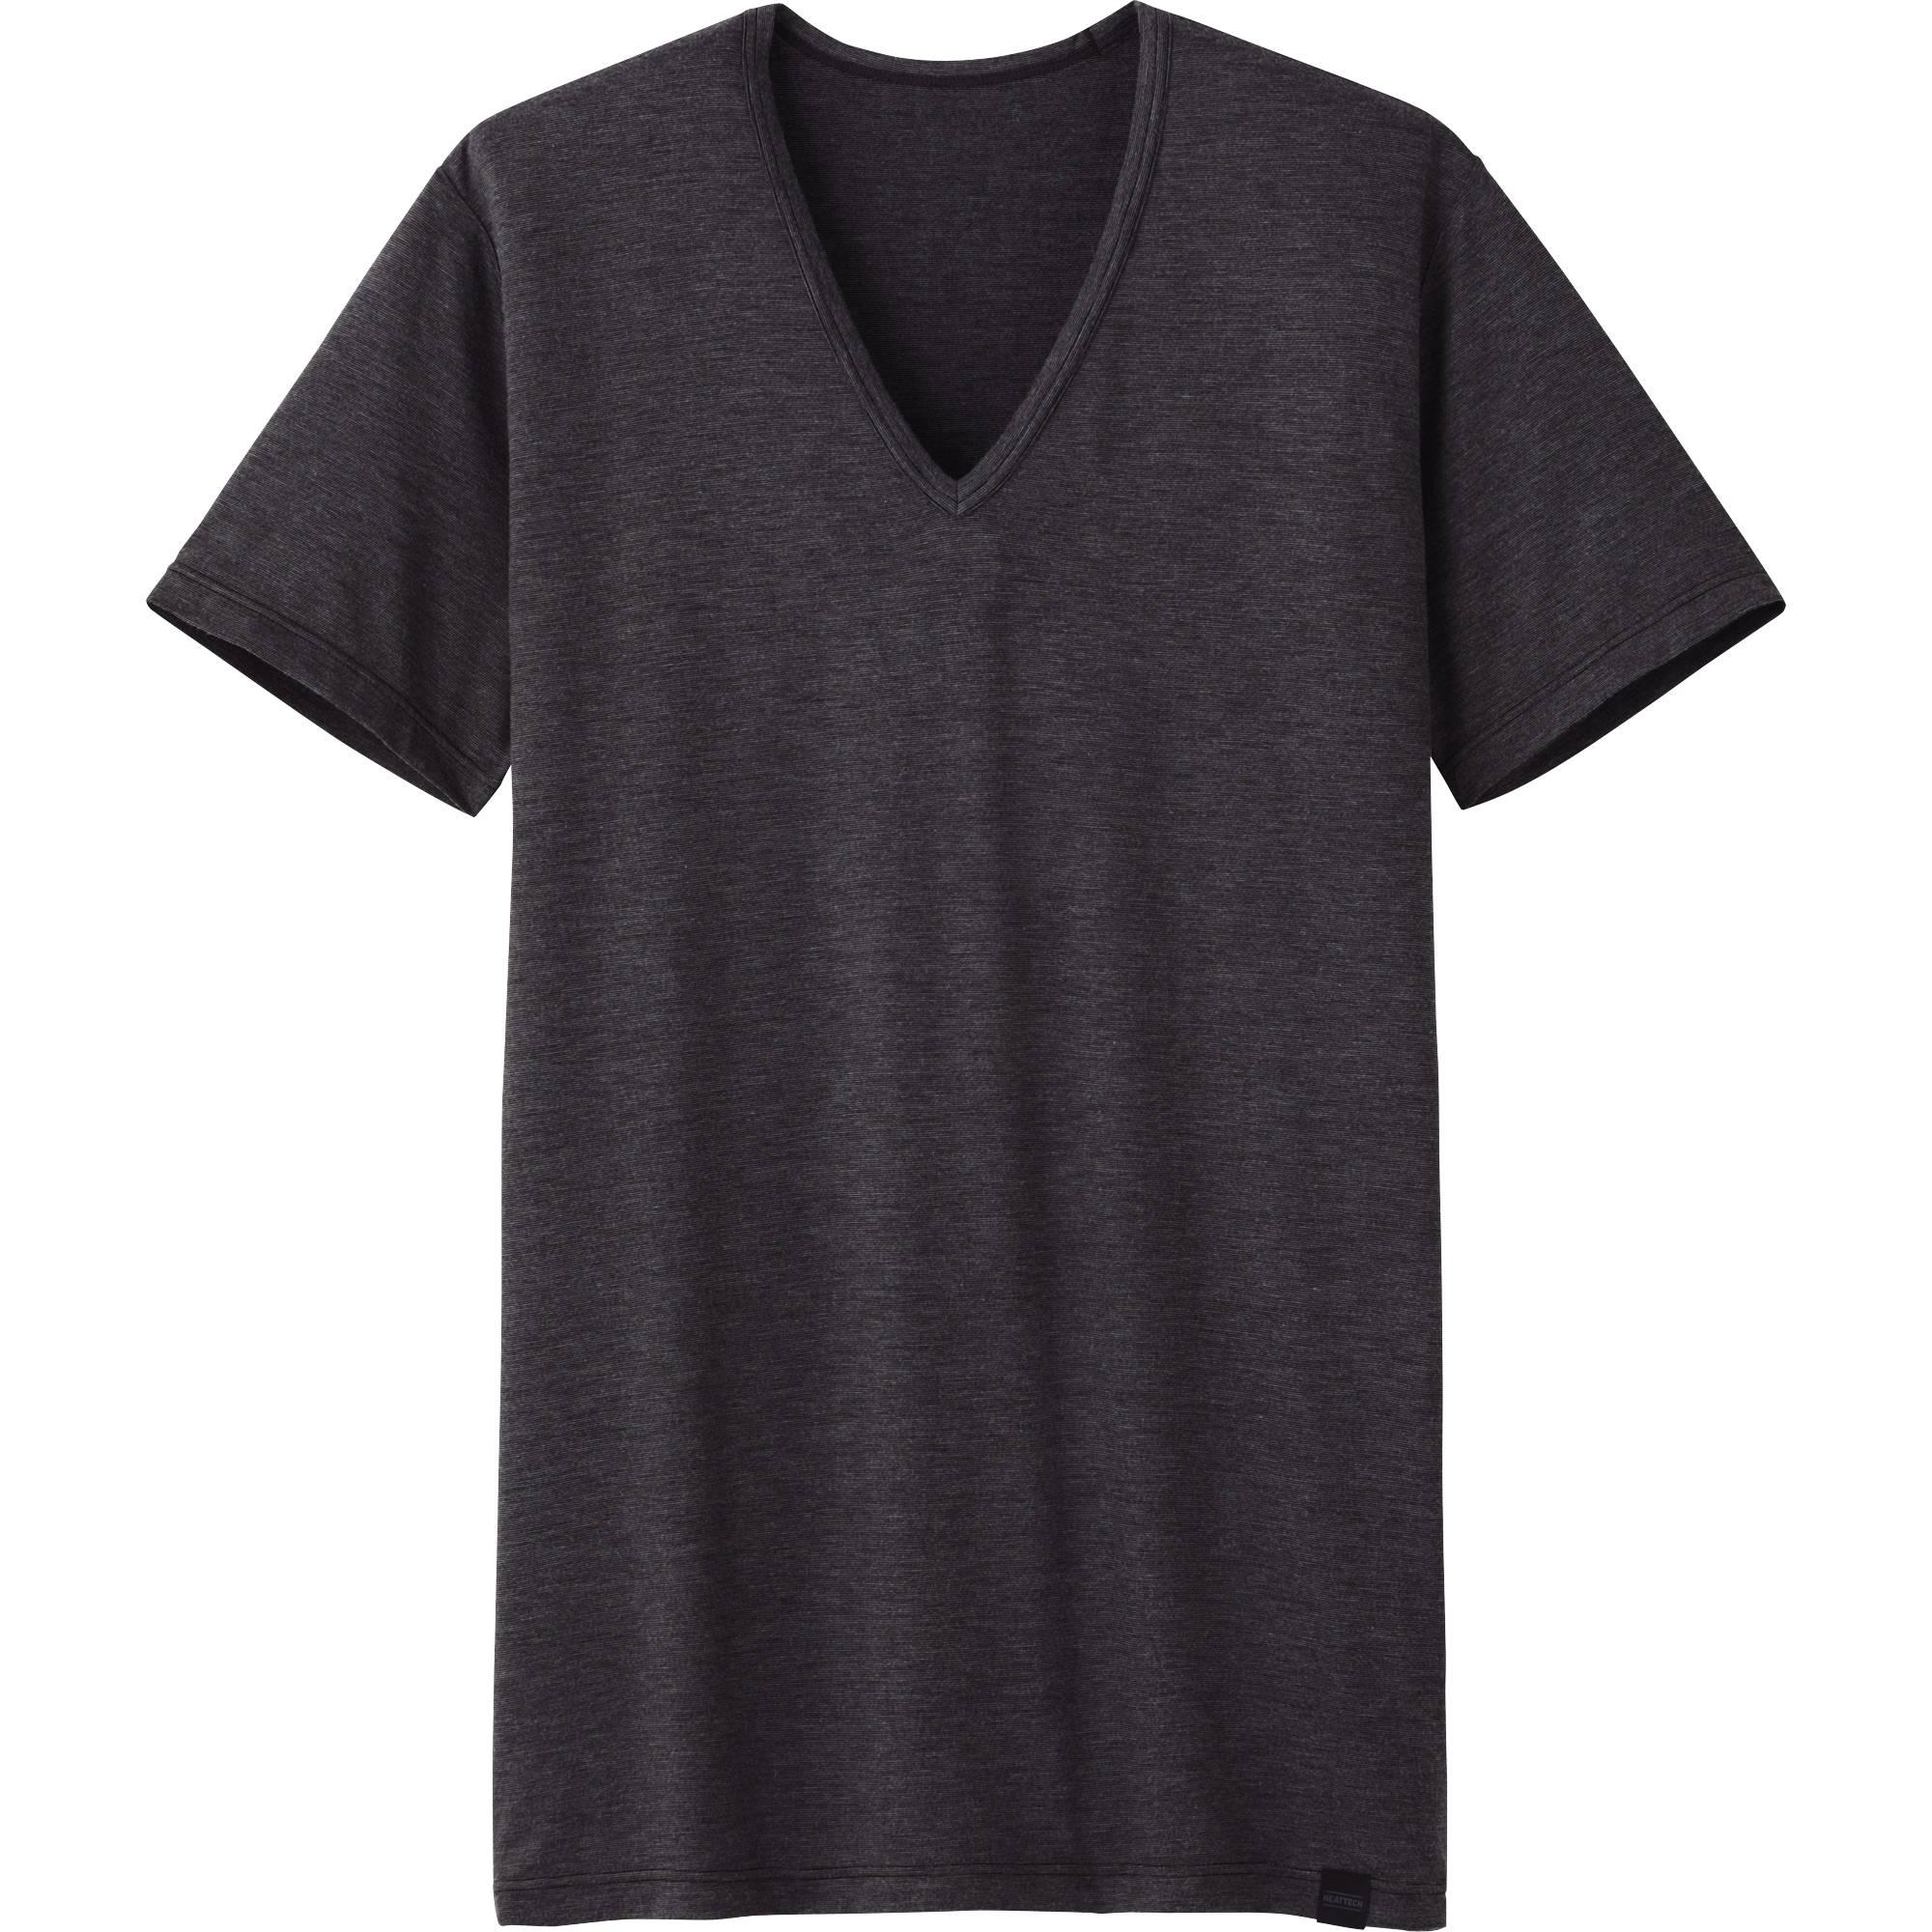 Black v Neck t Shirt Dress images